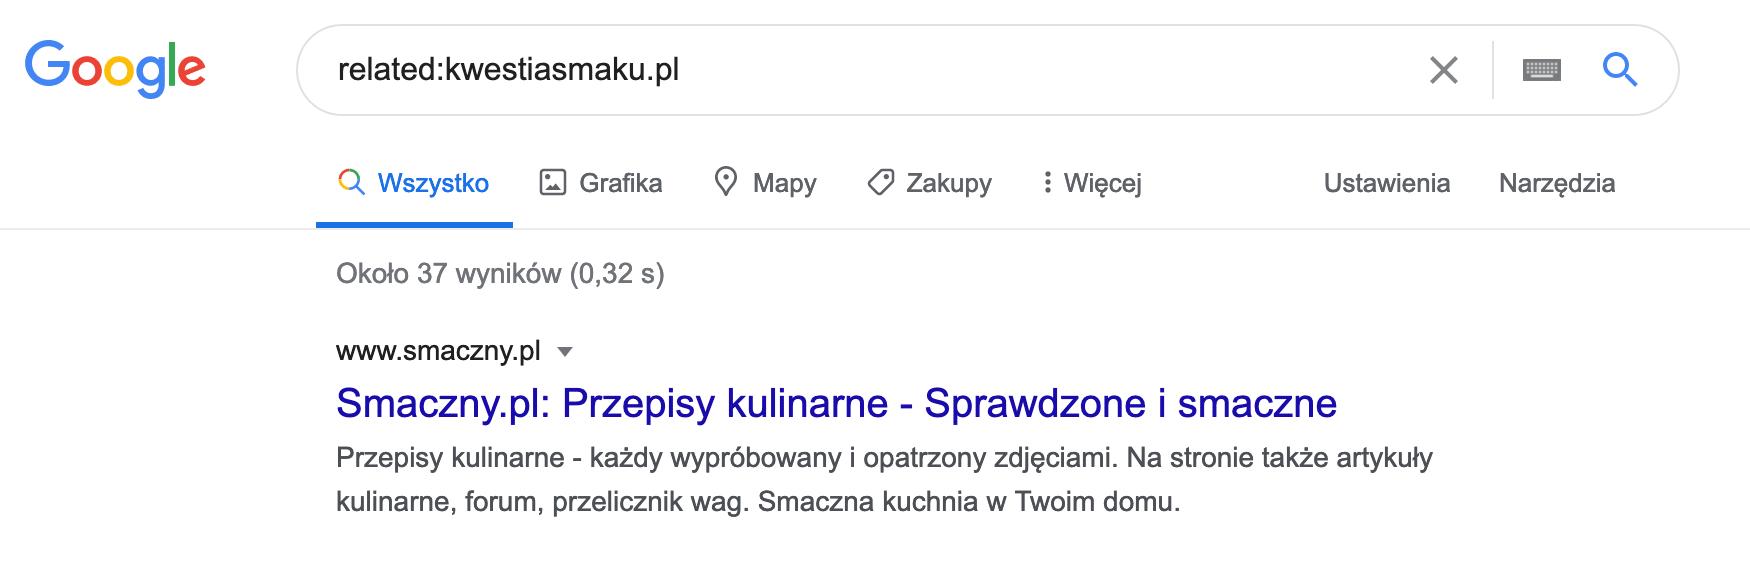 Wyszukiwanie w google podobnych stron jak kwestiasmaku.pl